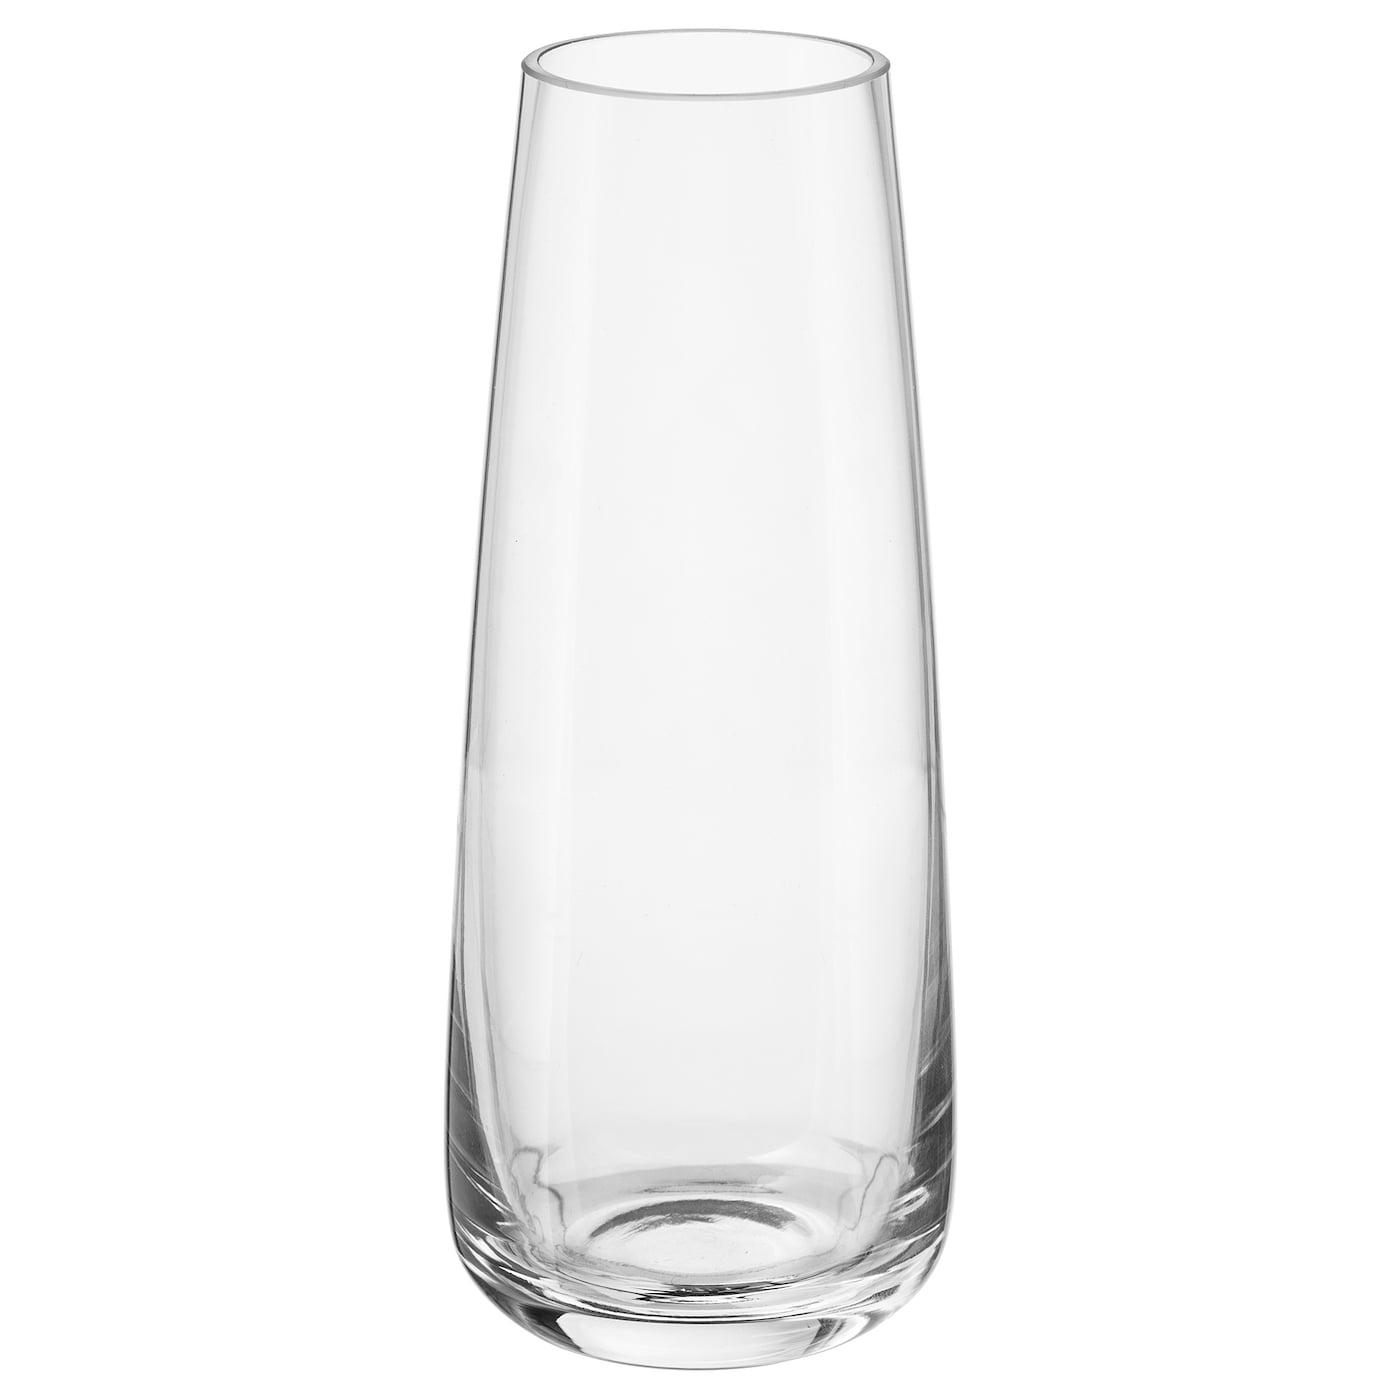 BERÄKNA ベレークナ 花瓶